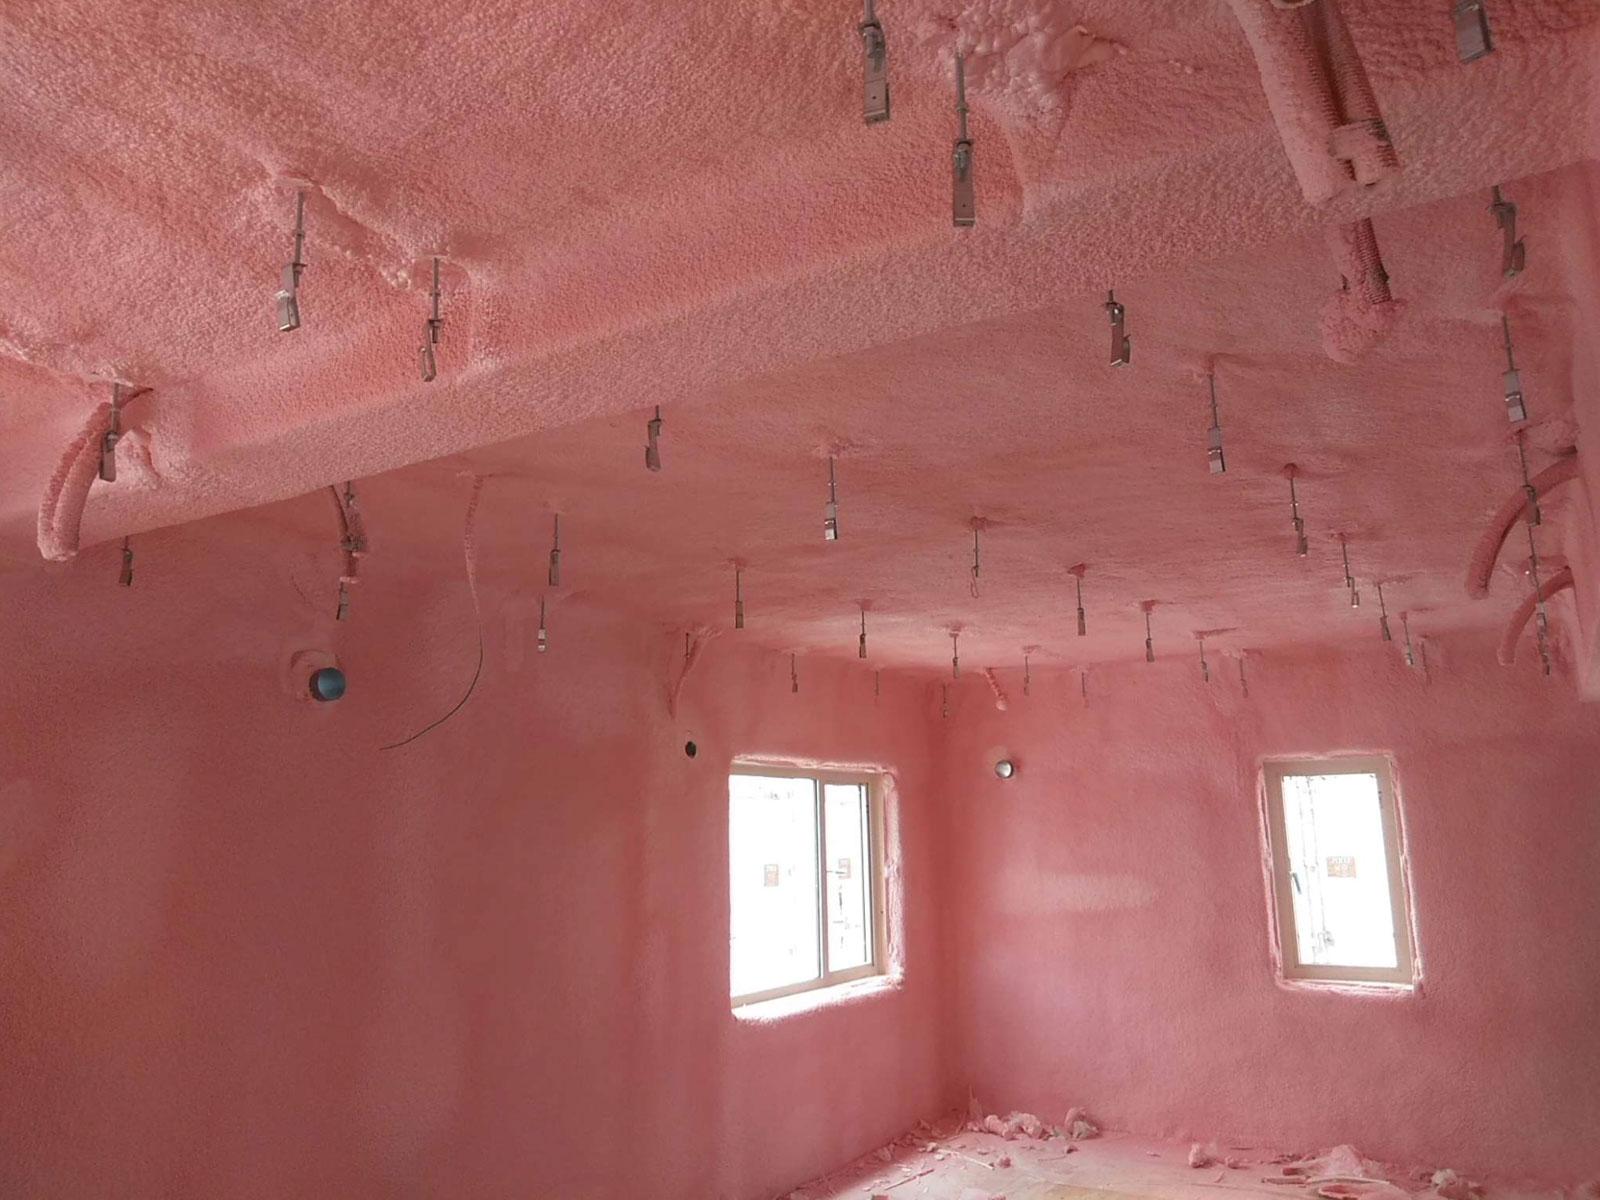 家全体を硬質発泡ウレタンフォームで包み、継ぎ目のない断熱層をつくることで冷暖房効果を高めている